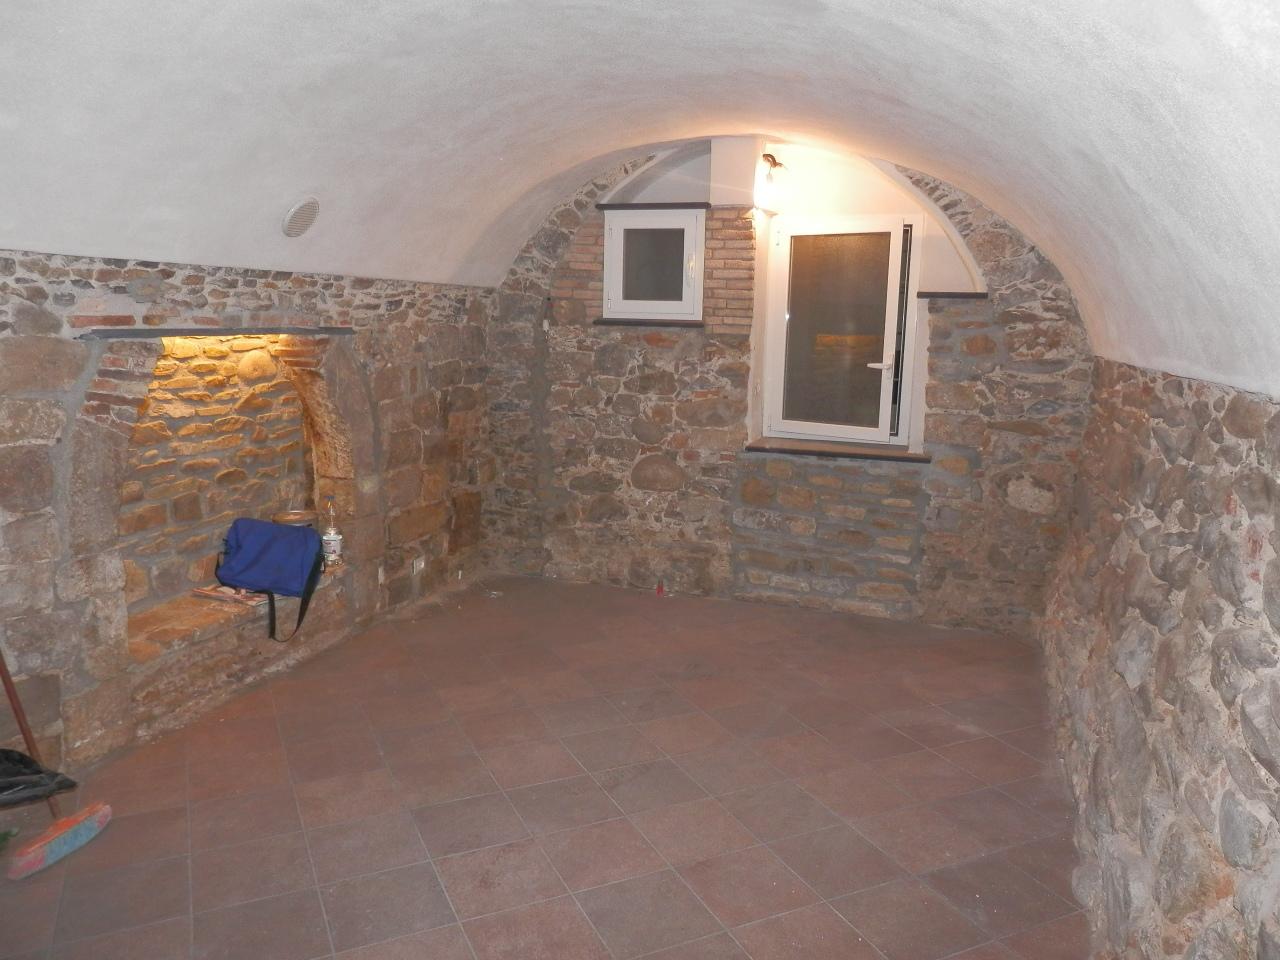 Magazzino in affitto a SanRemo, 1 locali, prezzo € 150 | PortaleAgenzieImmobiliari.it